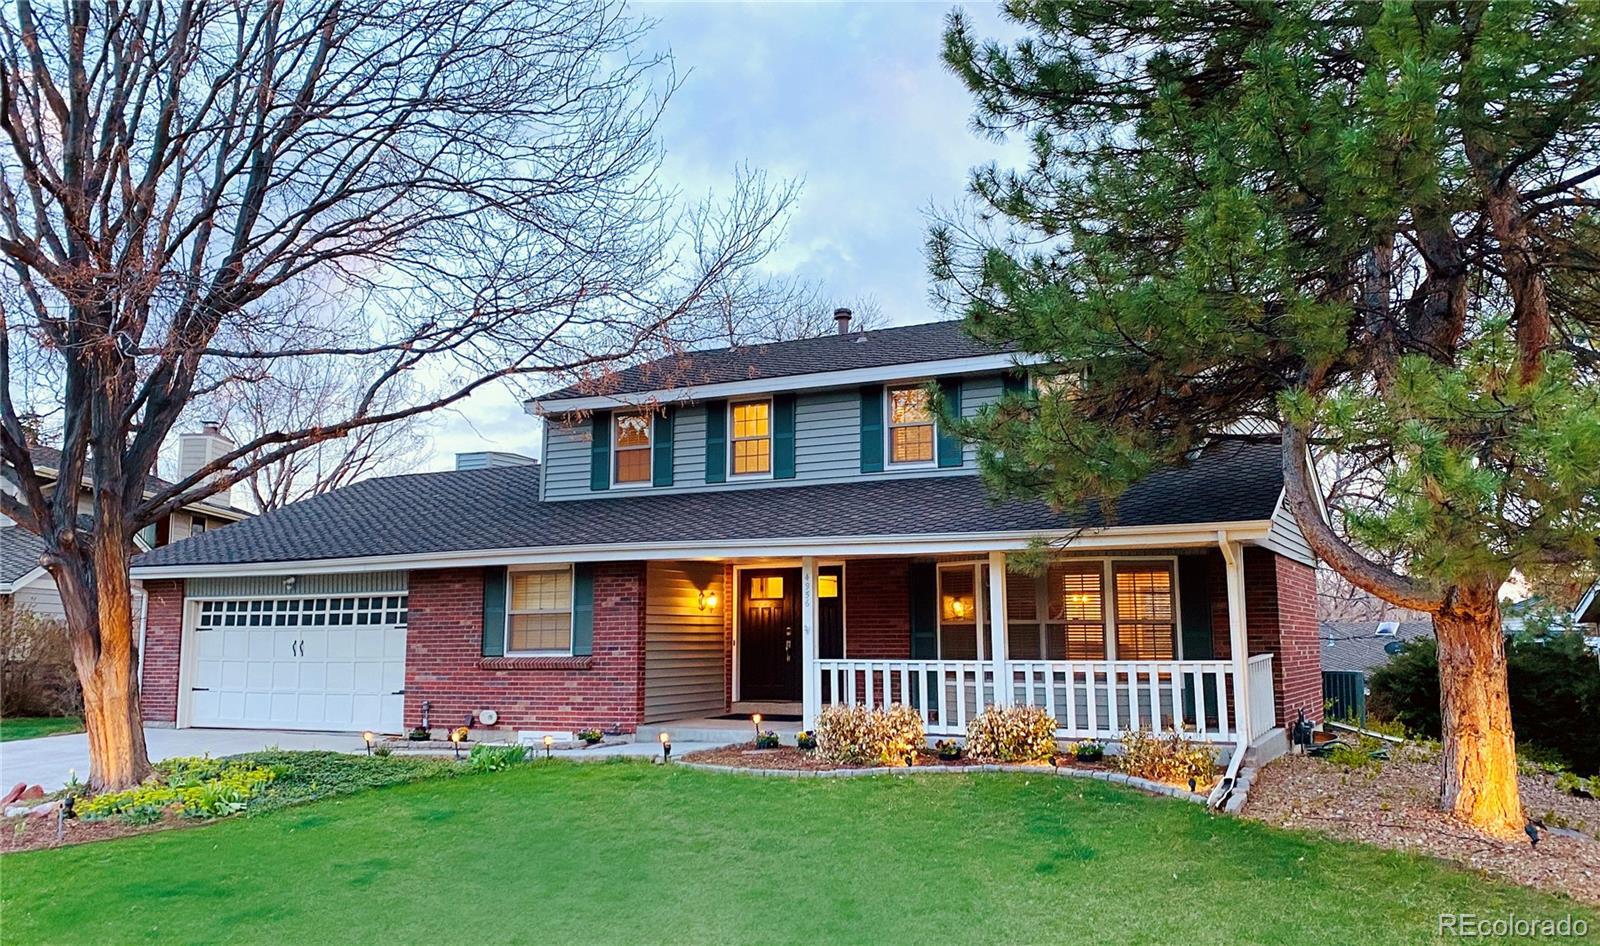 4956 E Lake Place, Centennial, CO 80121 - Centennial, CO real estate listing